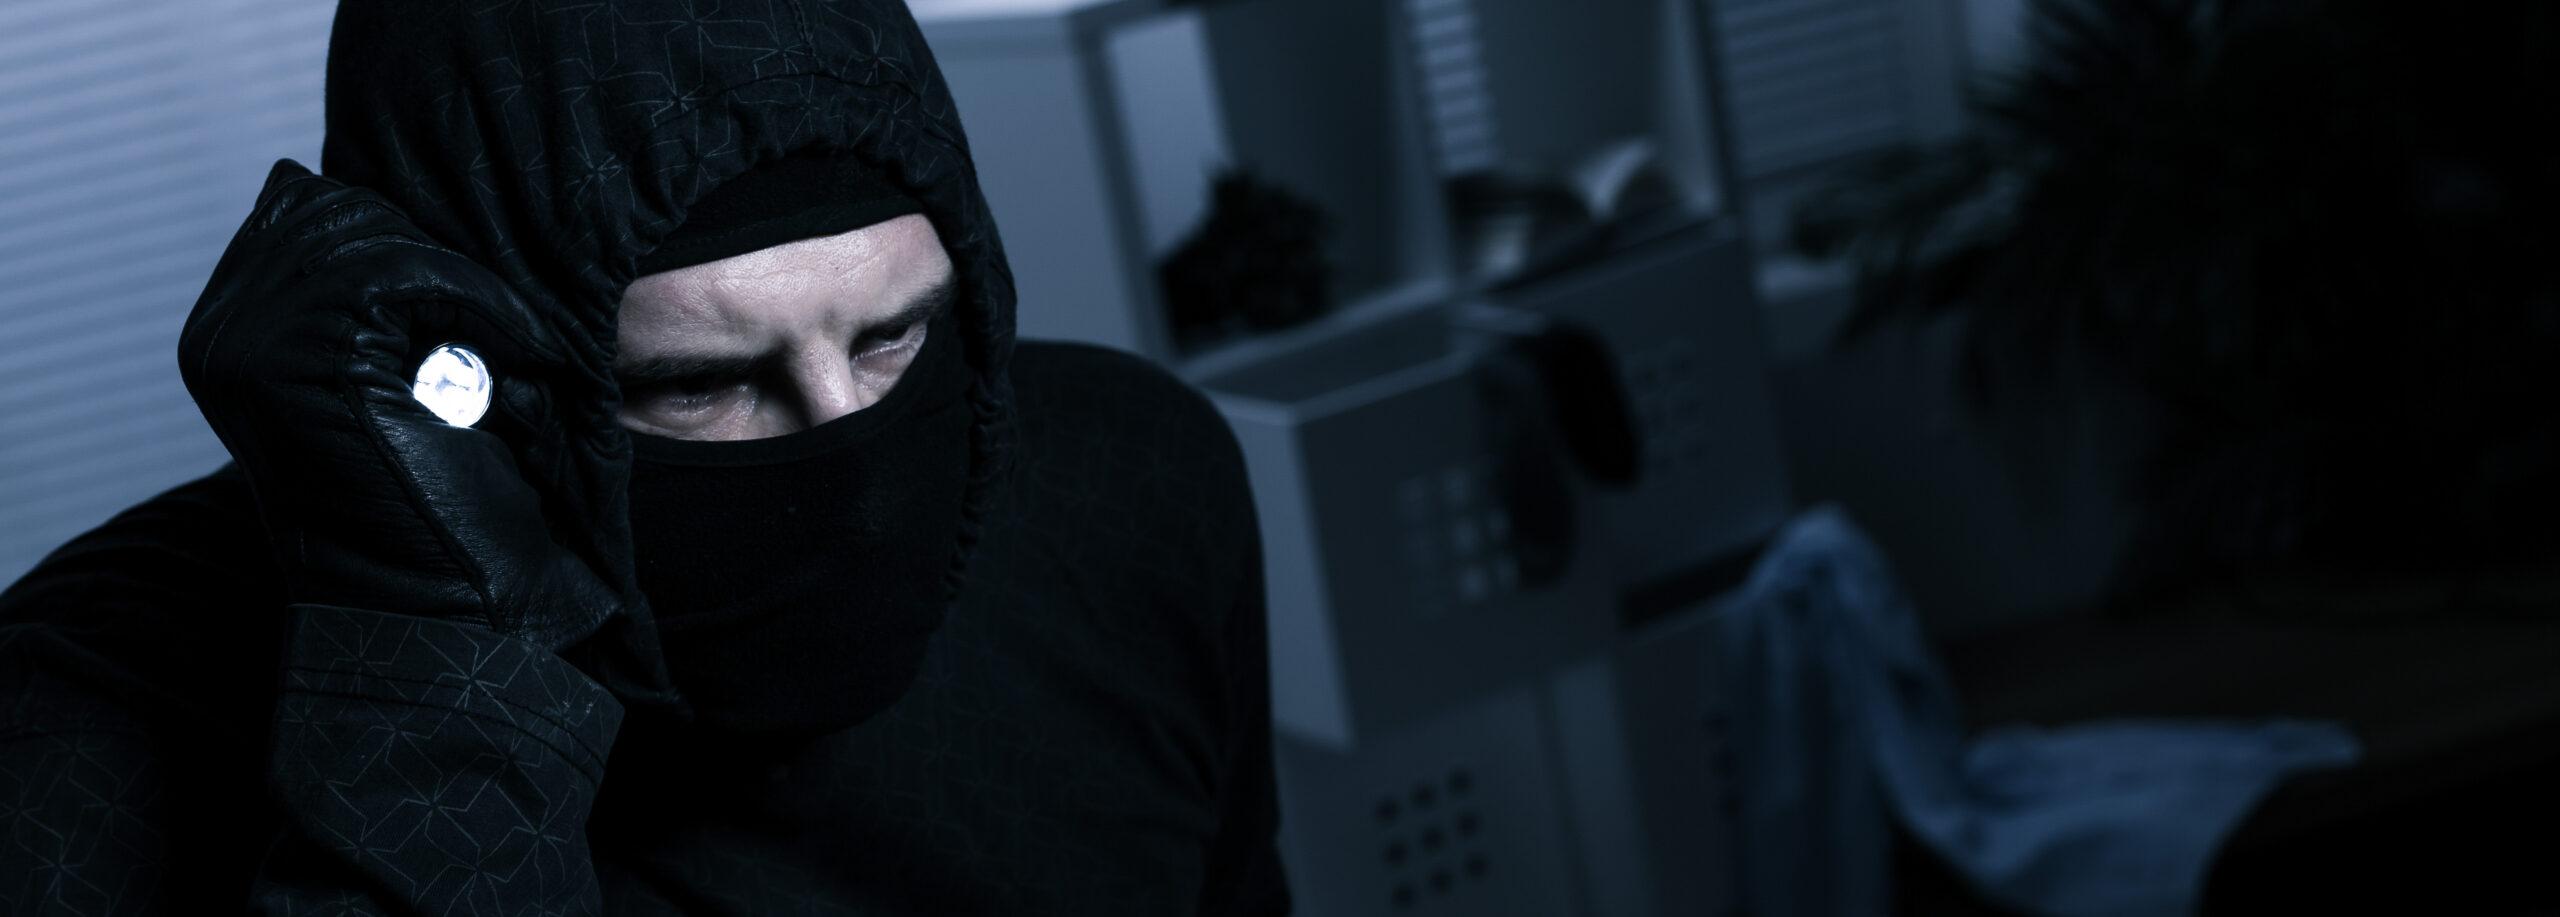 TIM Security steunt '1dagniet' in de strijd tegen inbraken